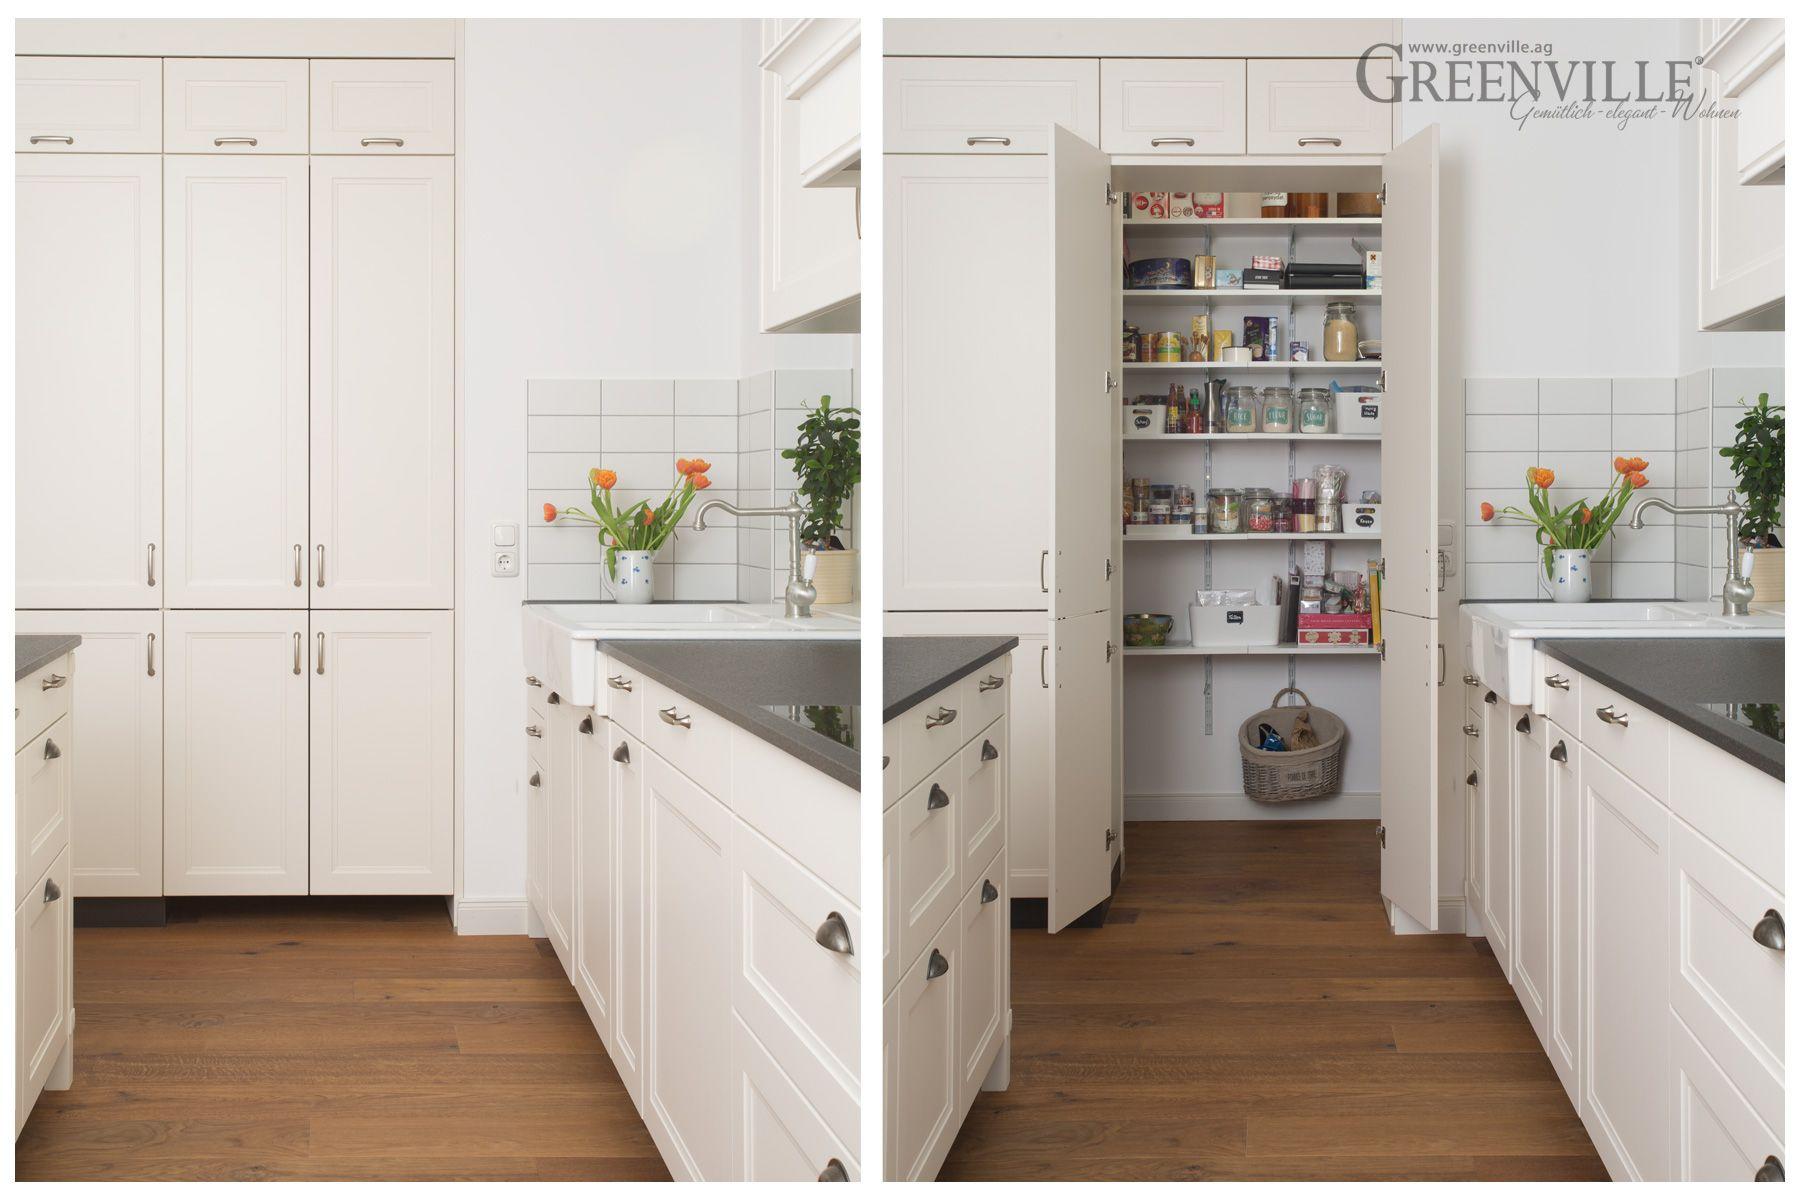 Bildergebnis für küche mit integrierter speisekammer | Küche ...